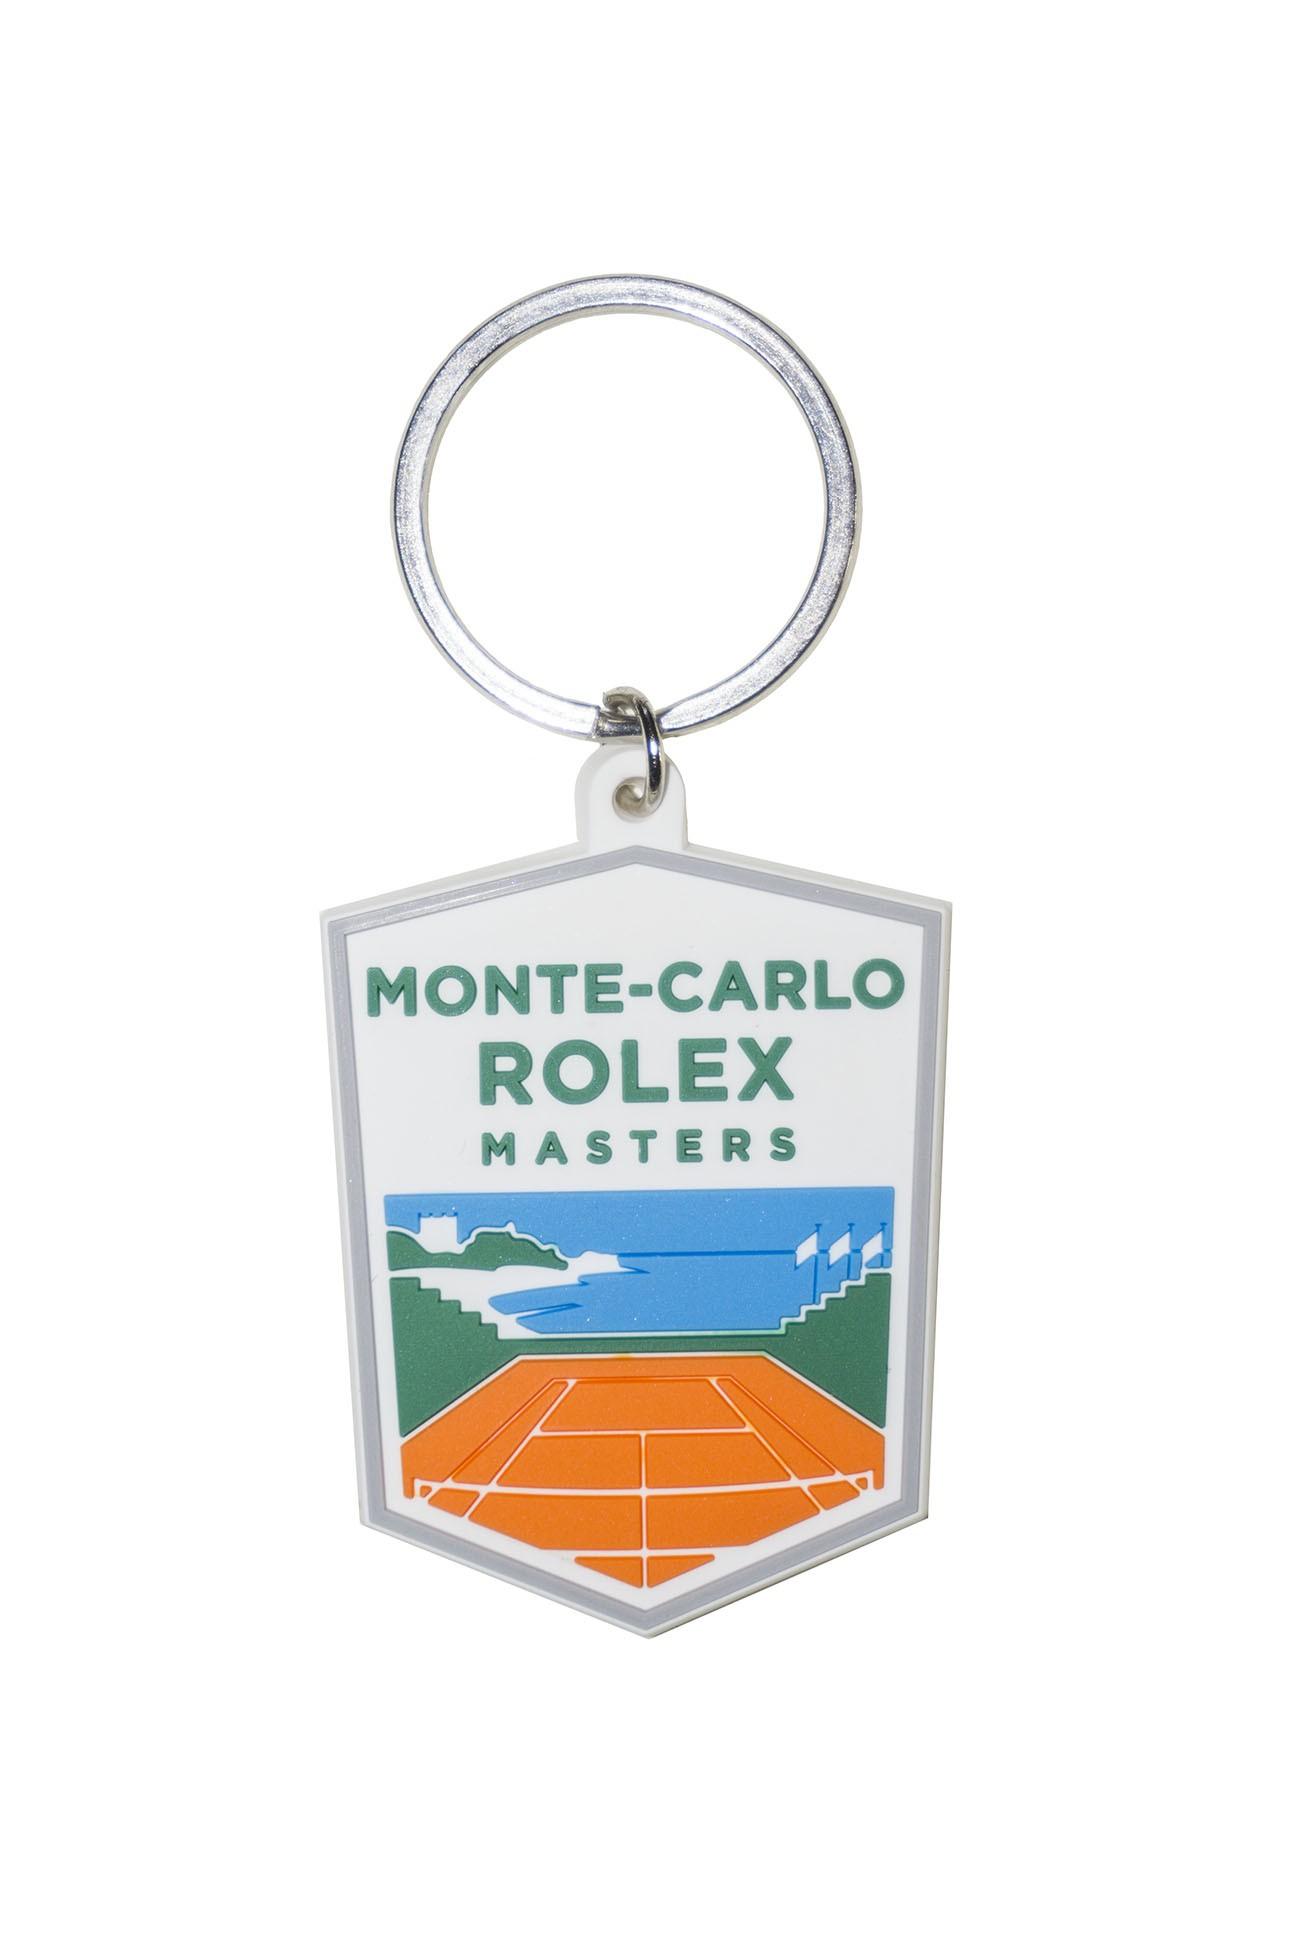 monte carlo rolex master porta chiavePorte-clé logo sillicone Masters